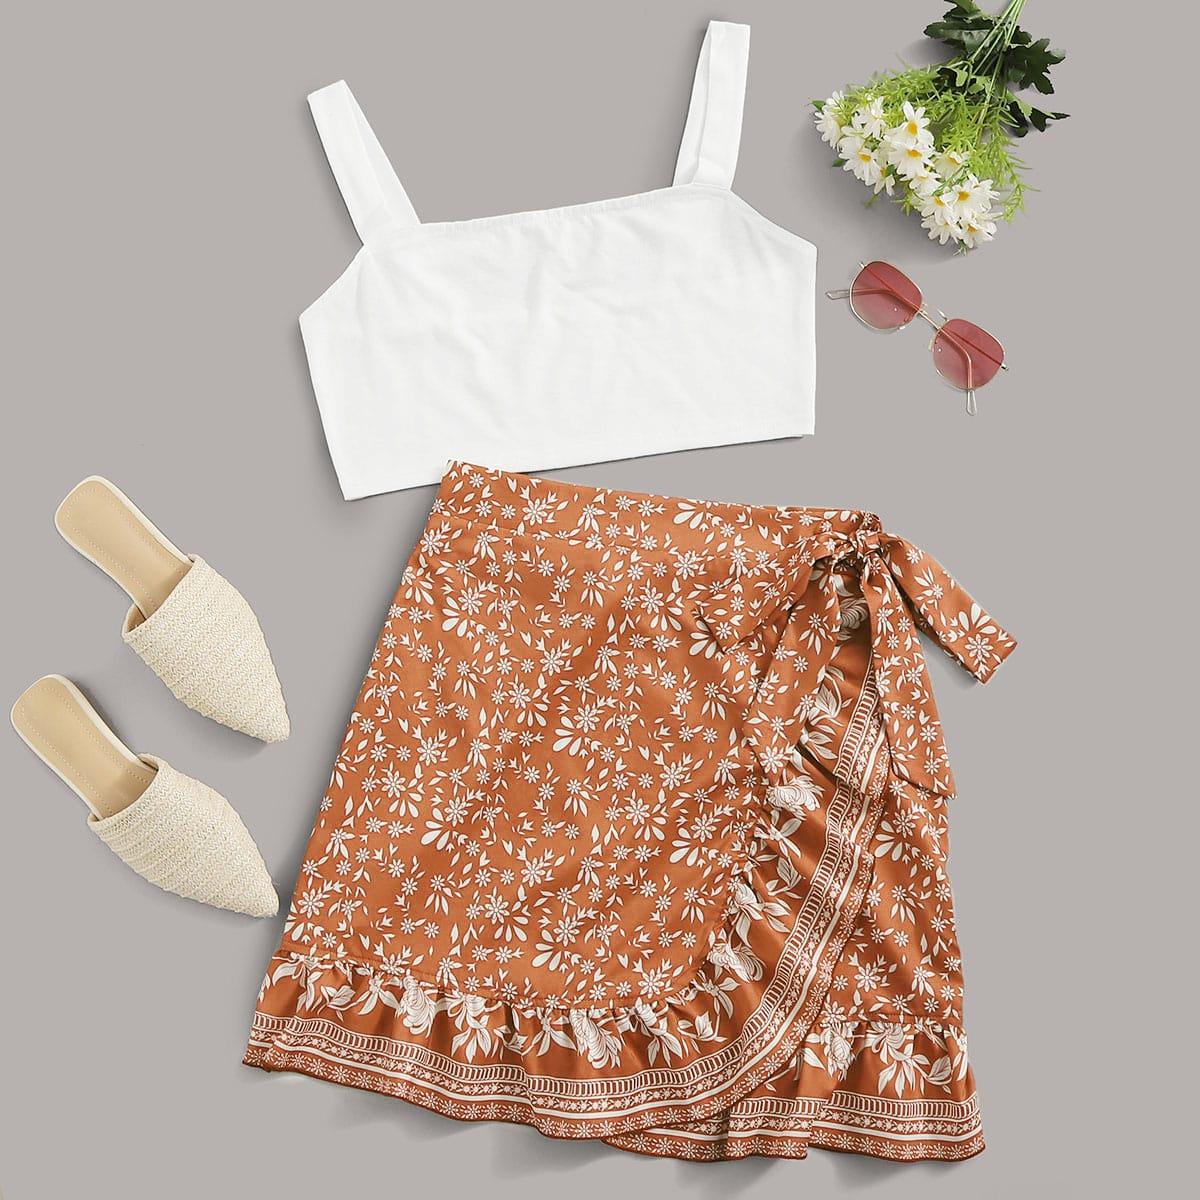 Однотонный короткий топ и юбка с племенным принтом фото